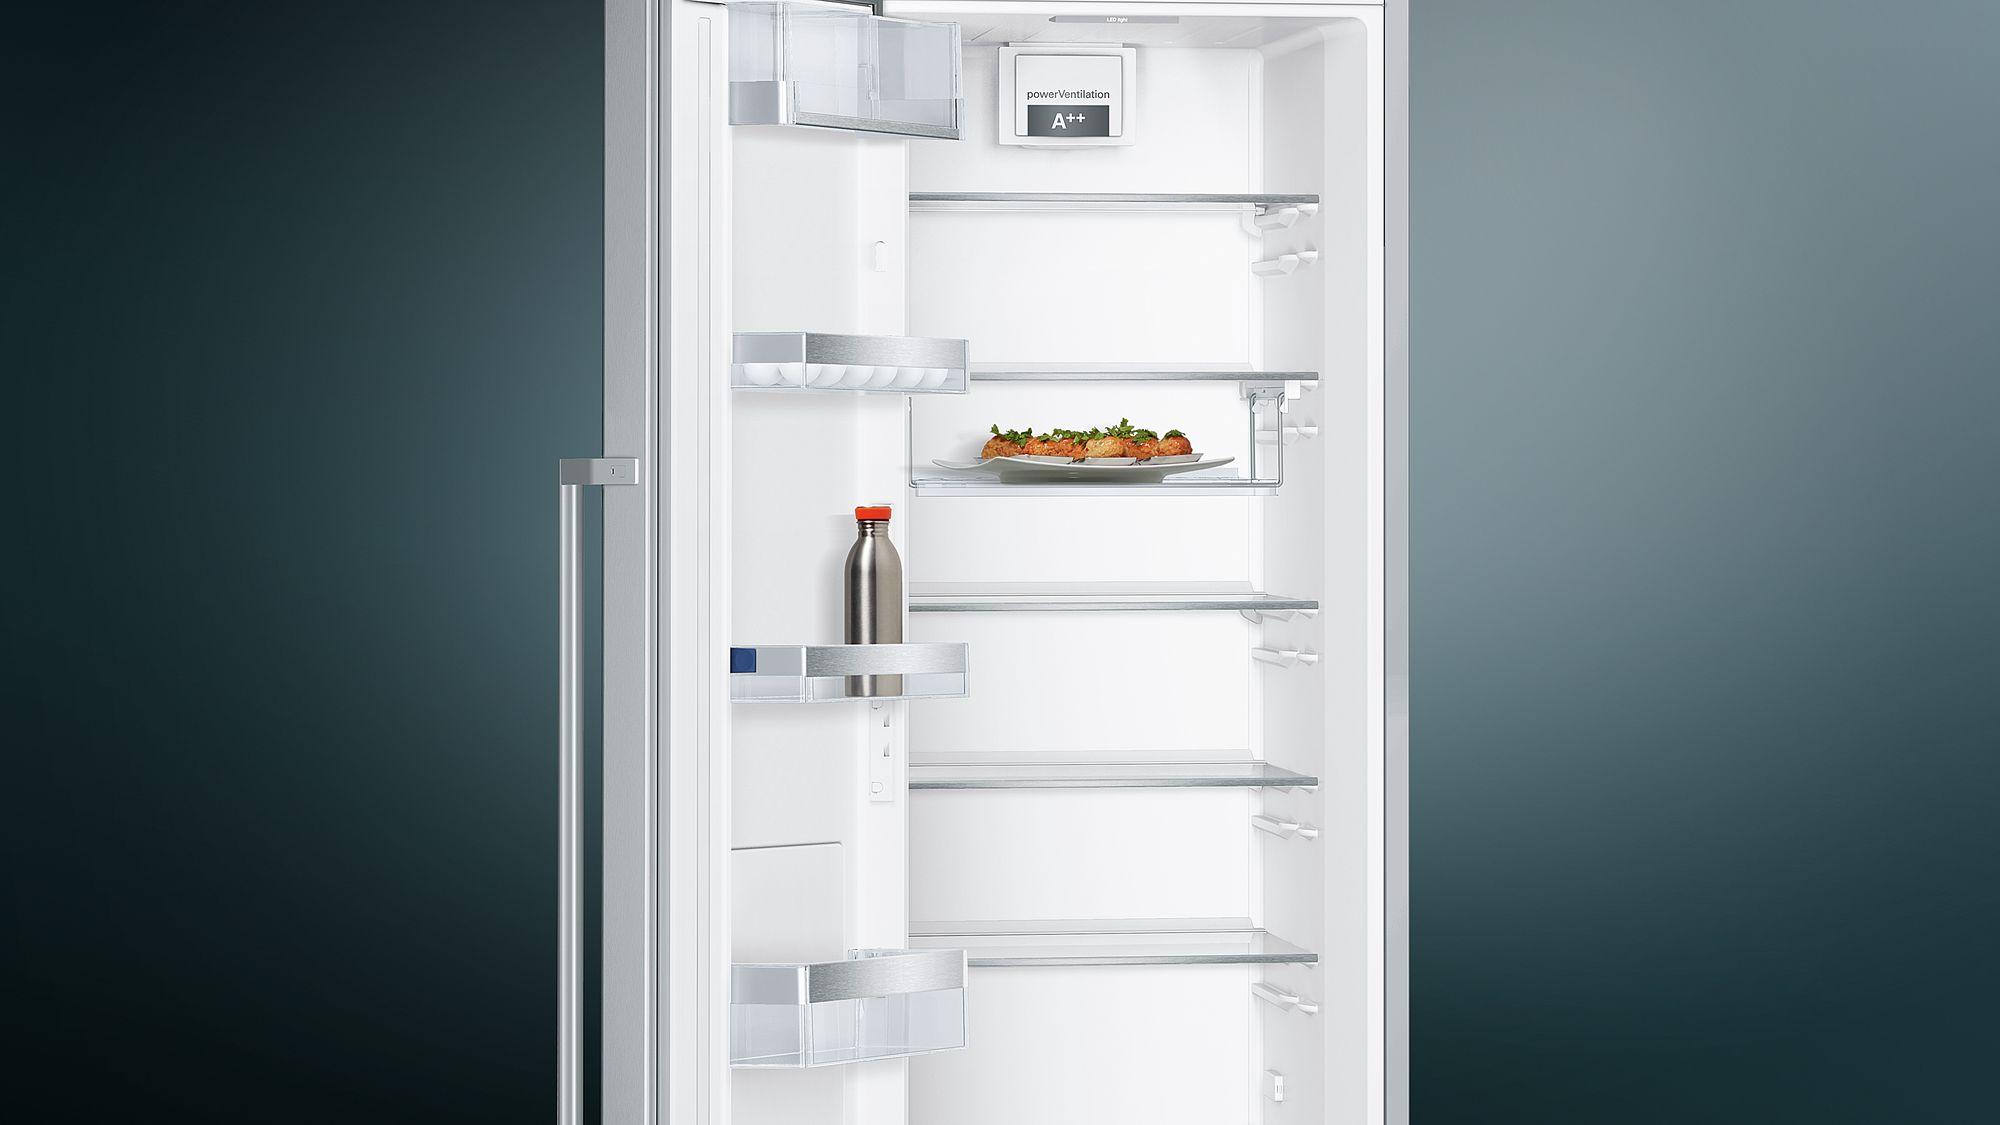 Siemens Kühlschrank Türanschlag Wechseln : Siemens kühlschrank tür seite wechseln: kühlschrankdichtung